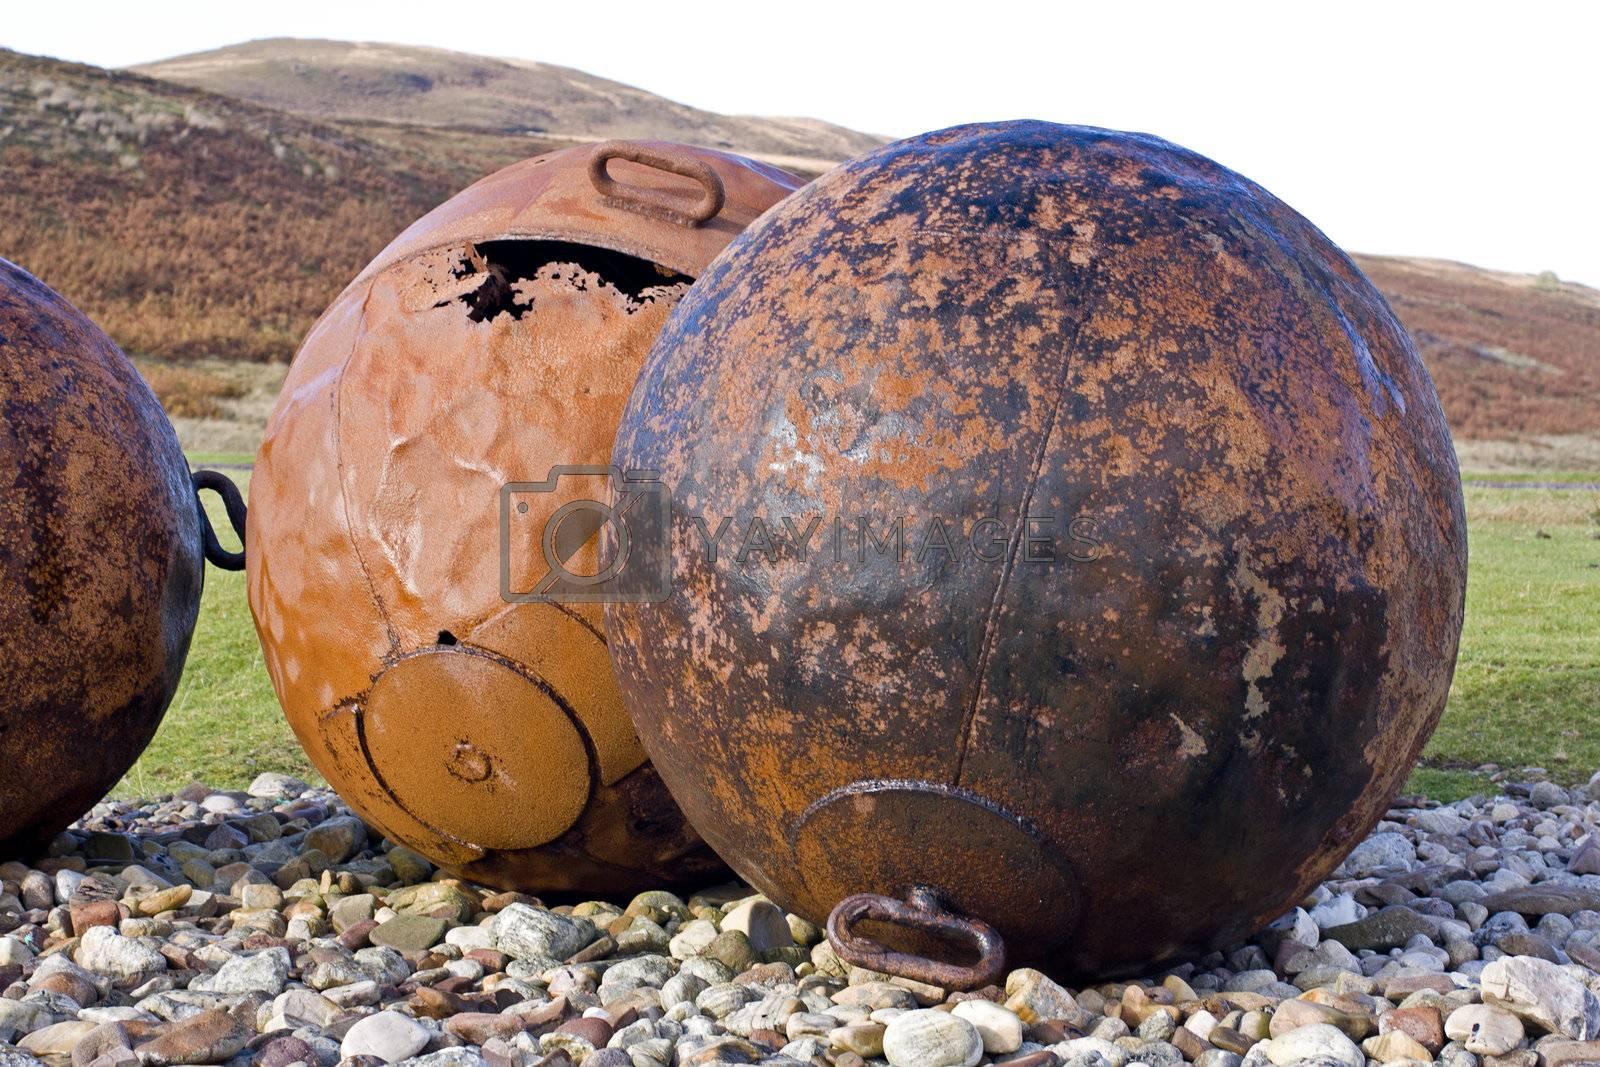 big balls at scottish coast. old buoys